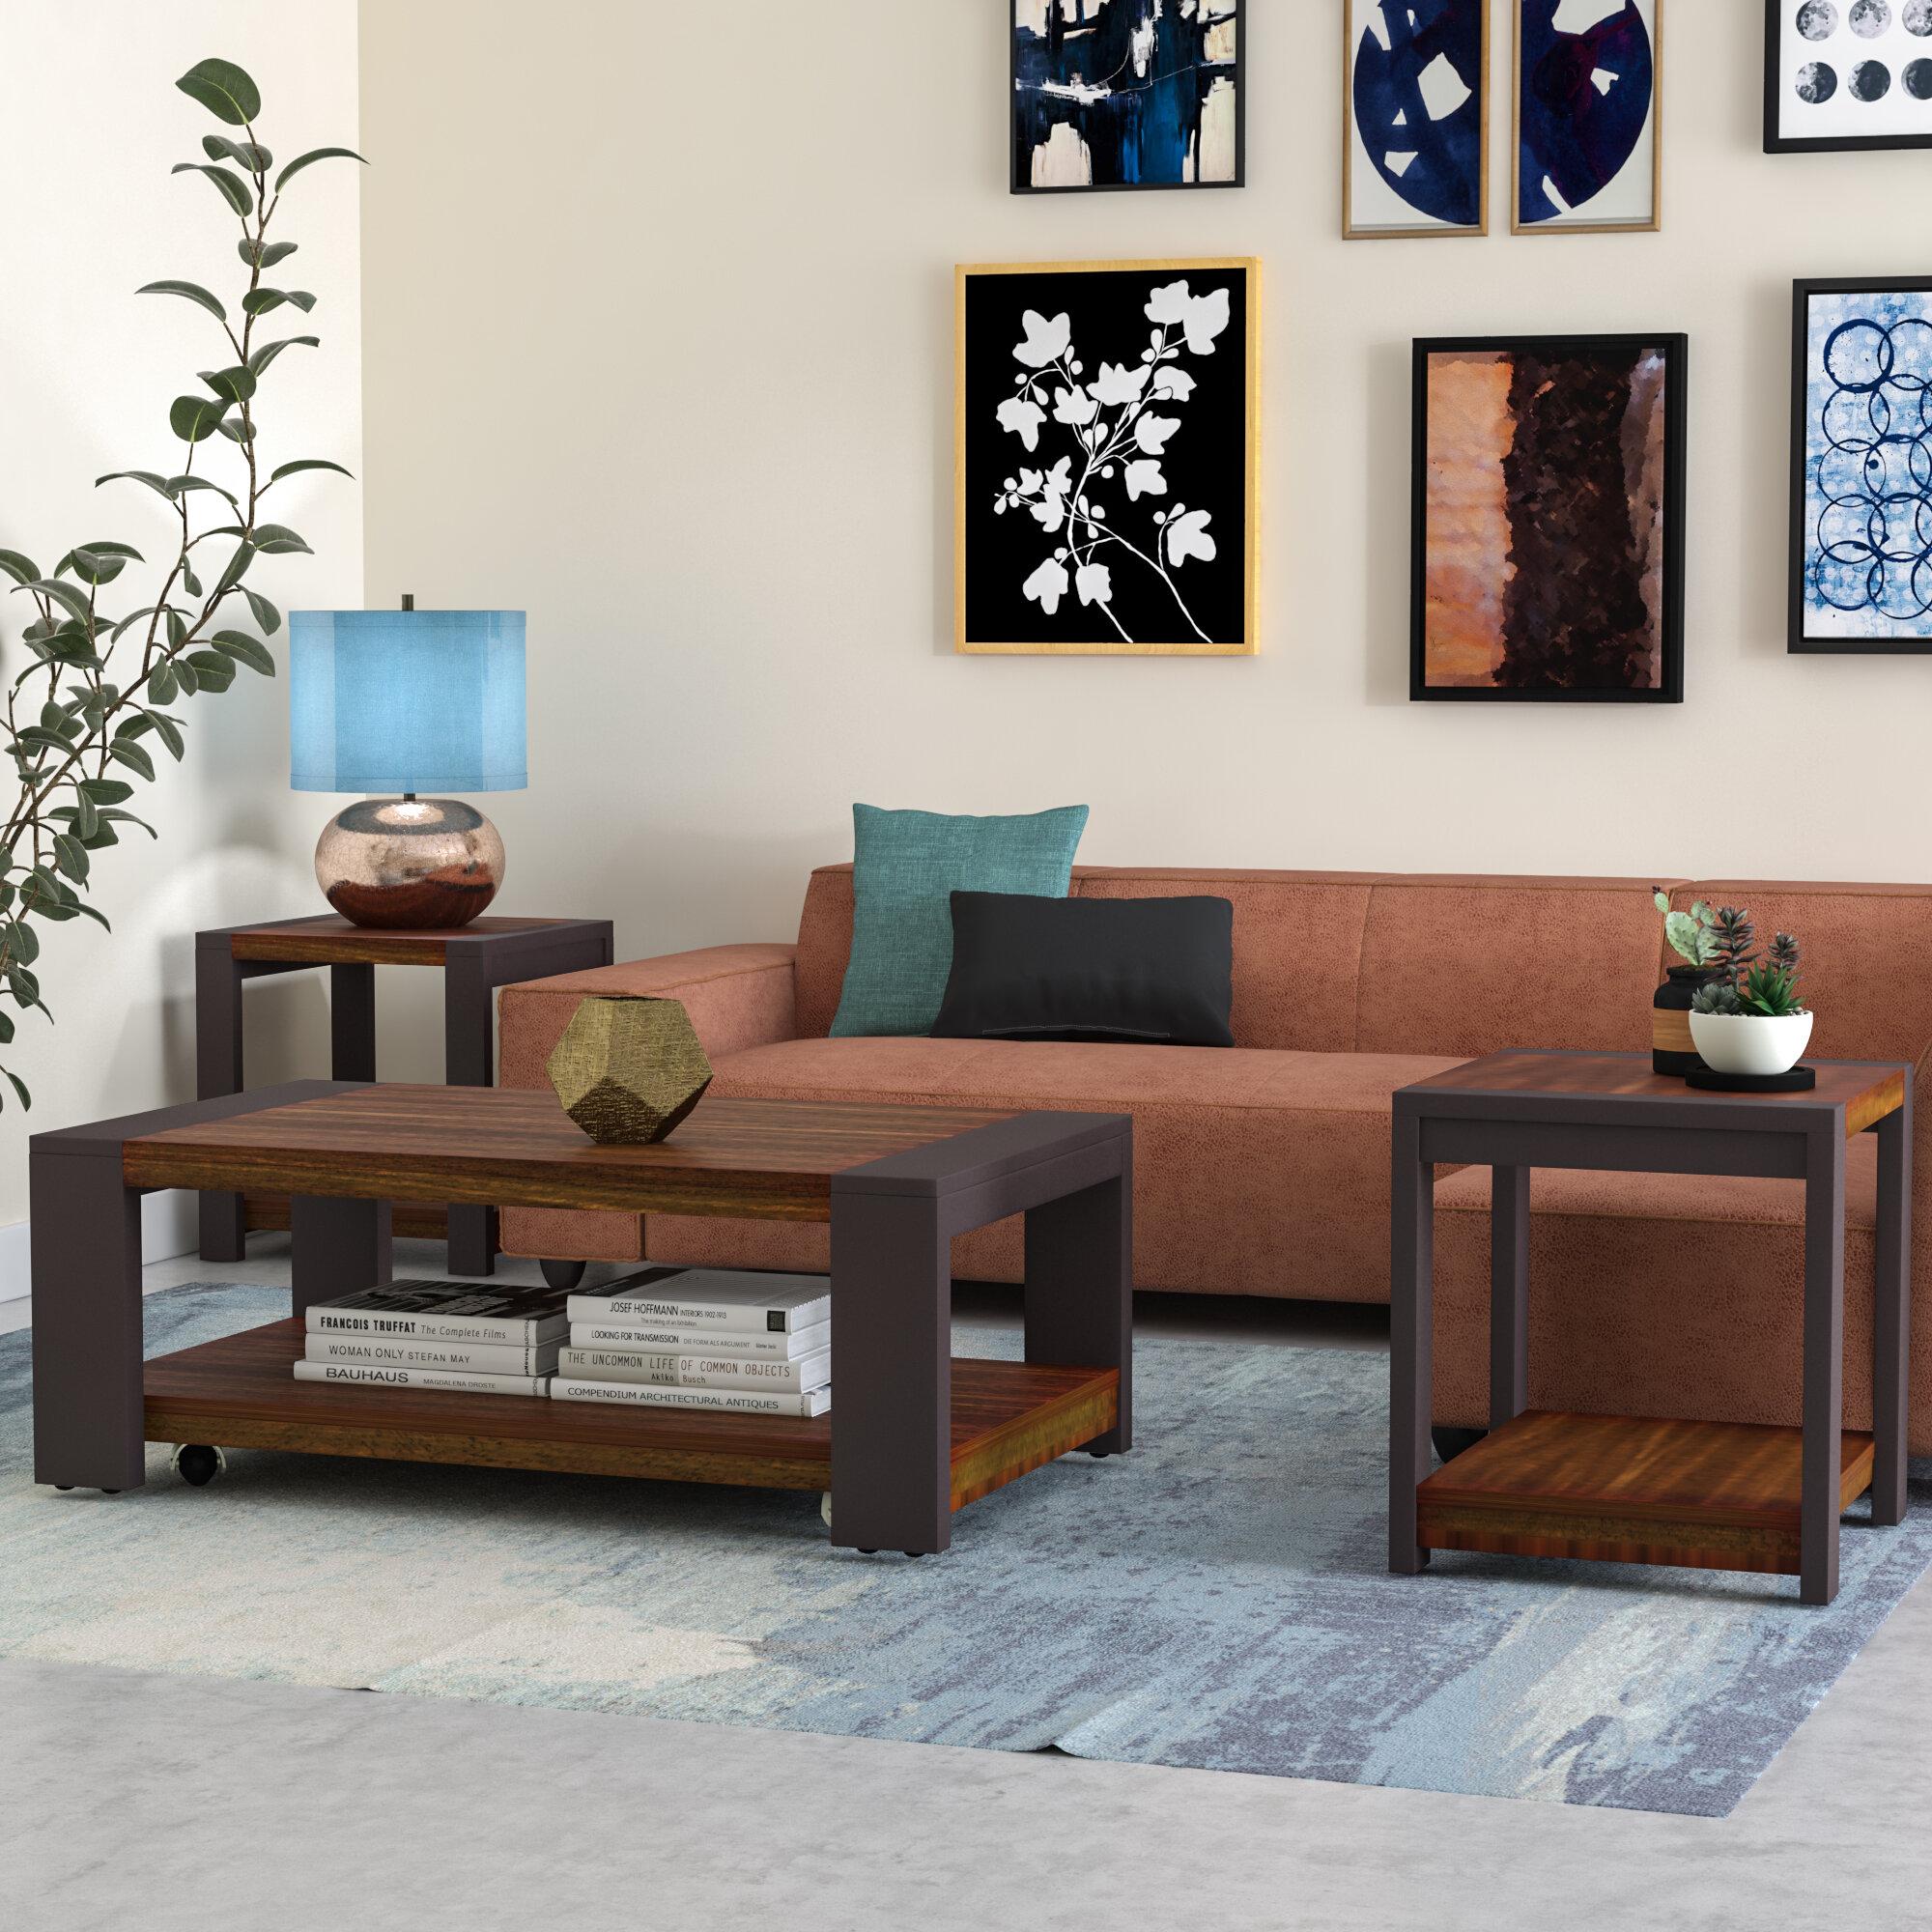 Brayden Studio Hayley 3 Piece Coffee Table Set & Reviews